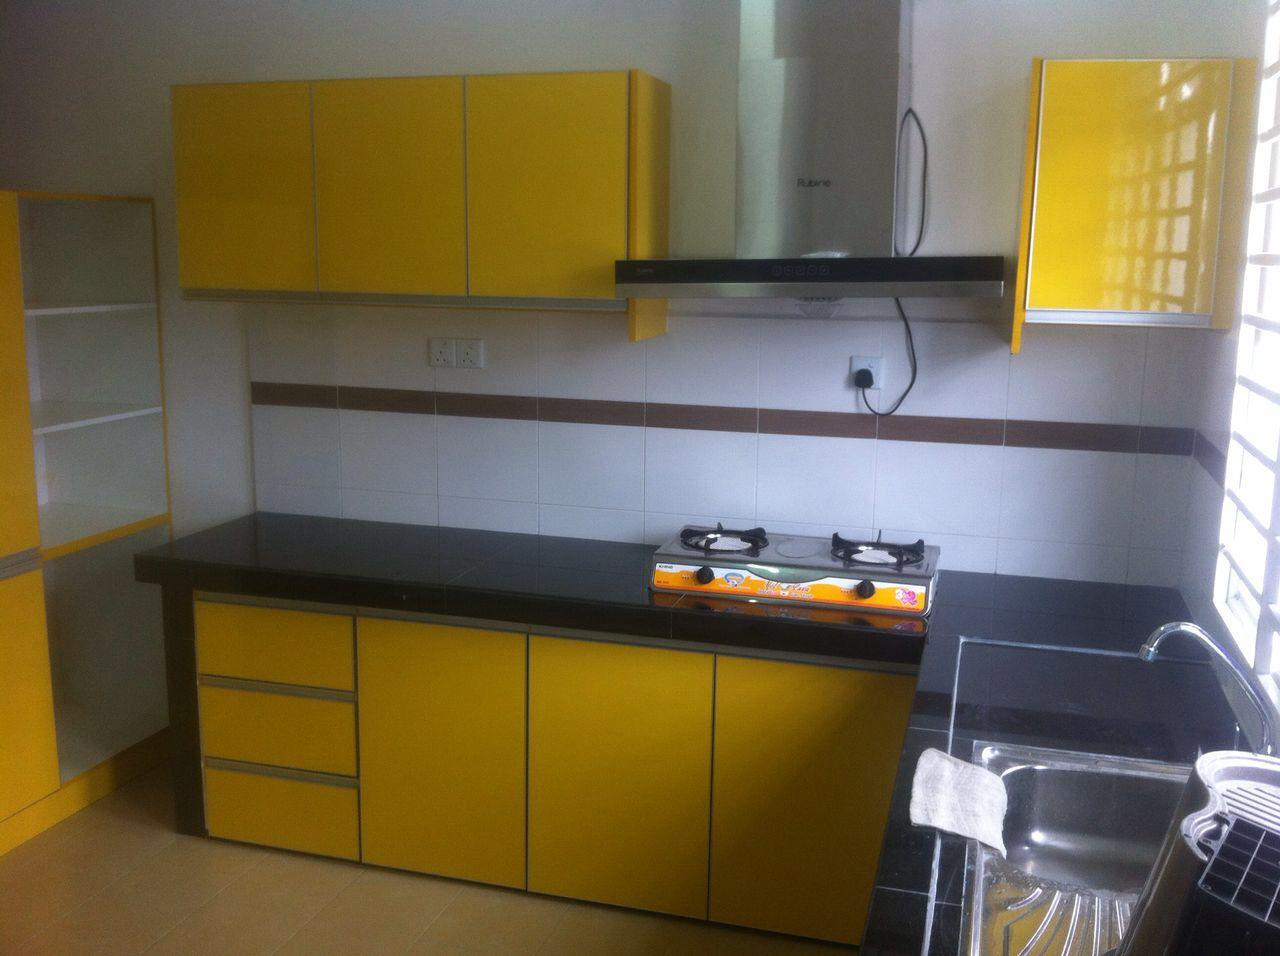 Warna Kuning Menjadi Pilihan Di Hati Dengan Menggunakan Material Jenis Fomeca High Gloss Memang Menampn Ciri Dapur Yang Luas